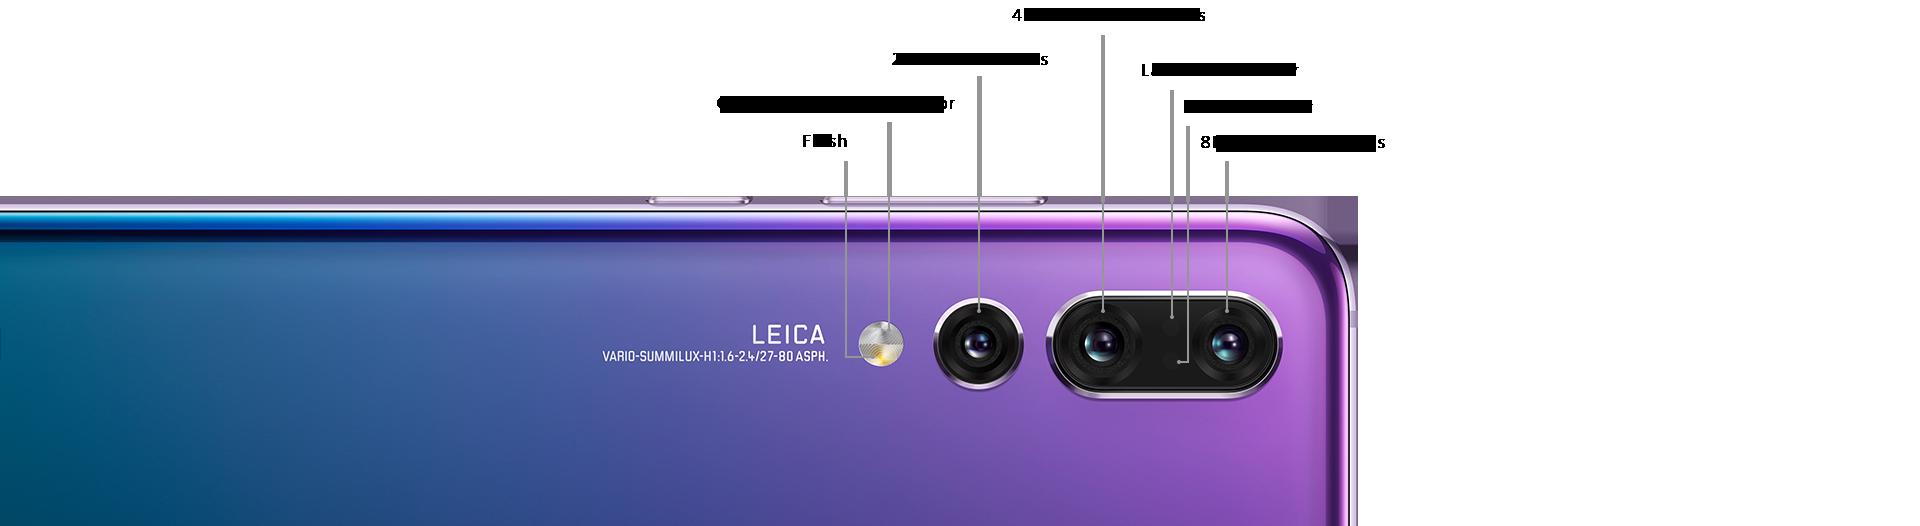 https://consumer-img.huawei.com/content/dam/huawei-cbg-campaign/2018/p20-pro/common/img/camera/camera-3lens-model-original.png